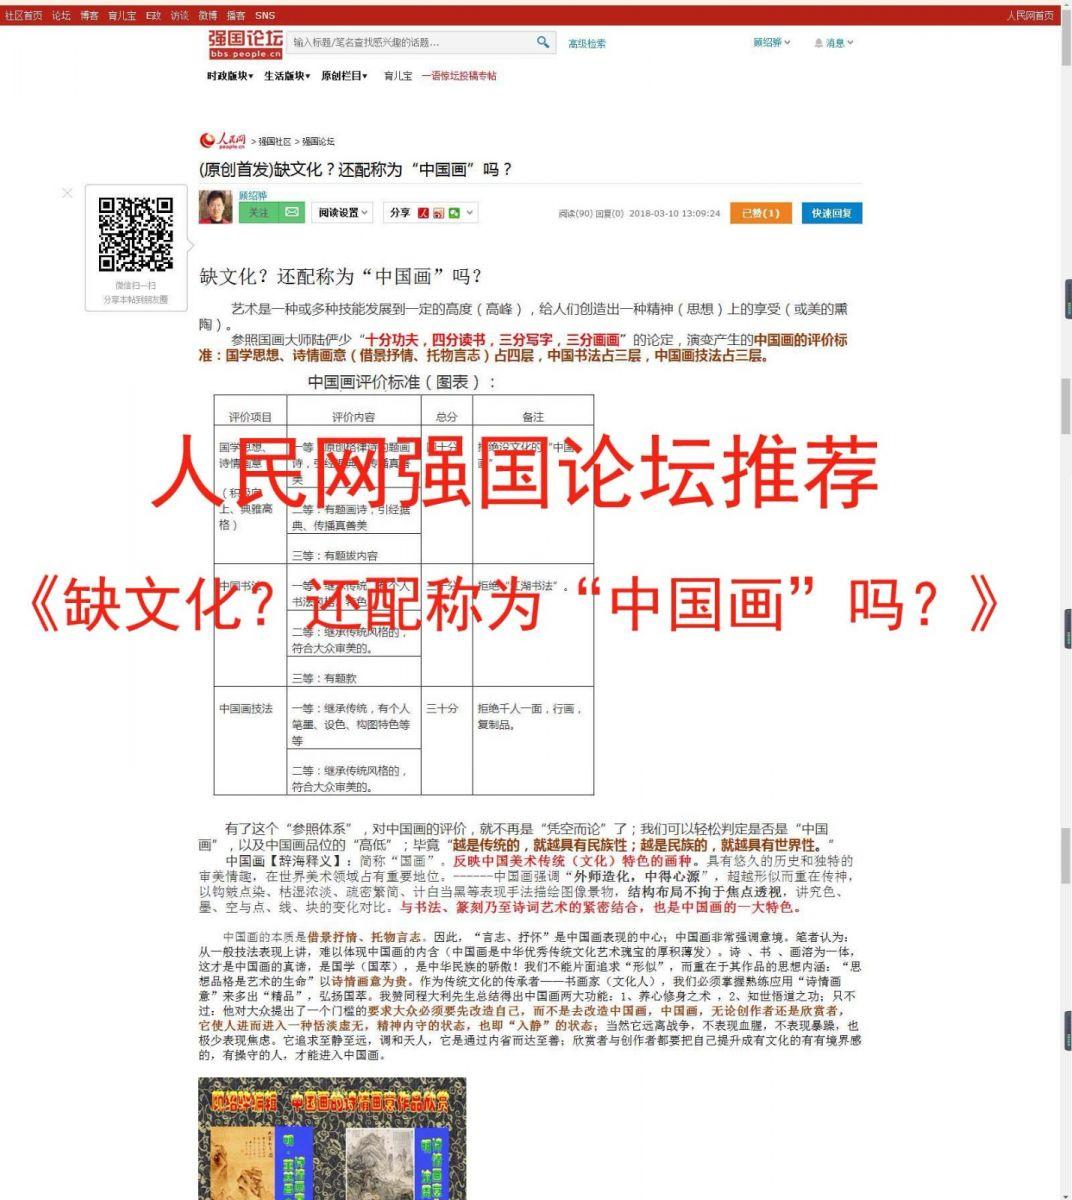 人民网强国论坛全面支持《顾绍骅的诗情画意》_图1-5